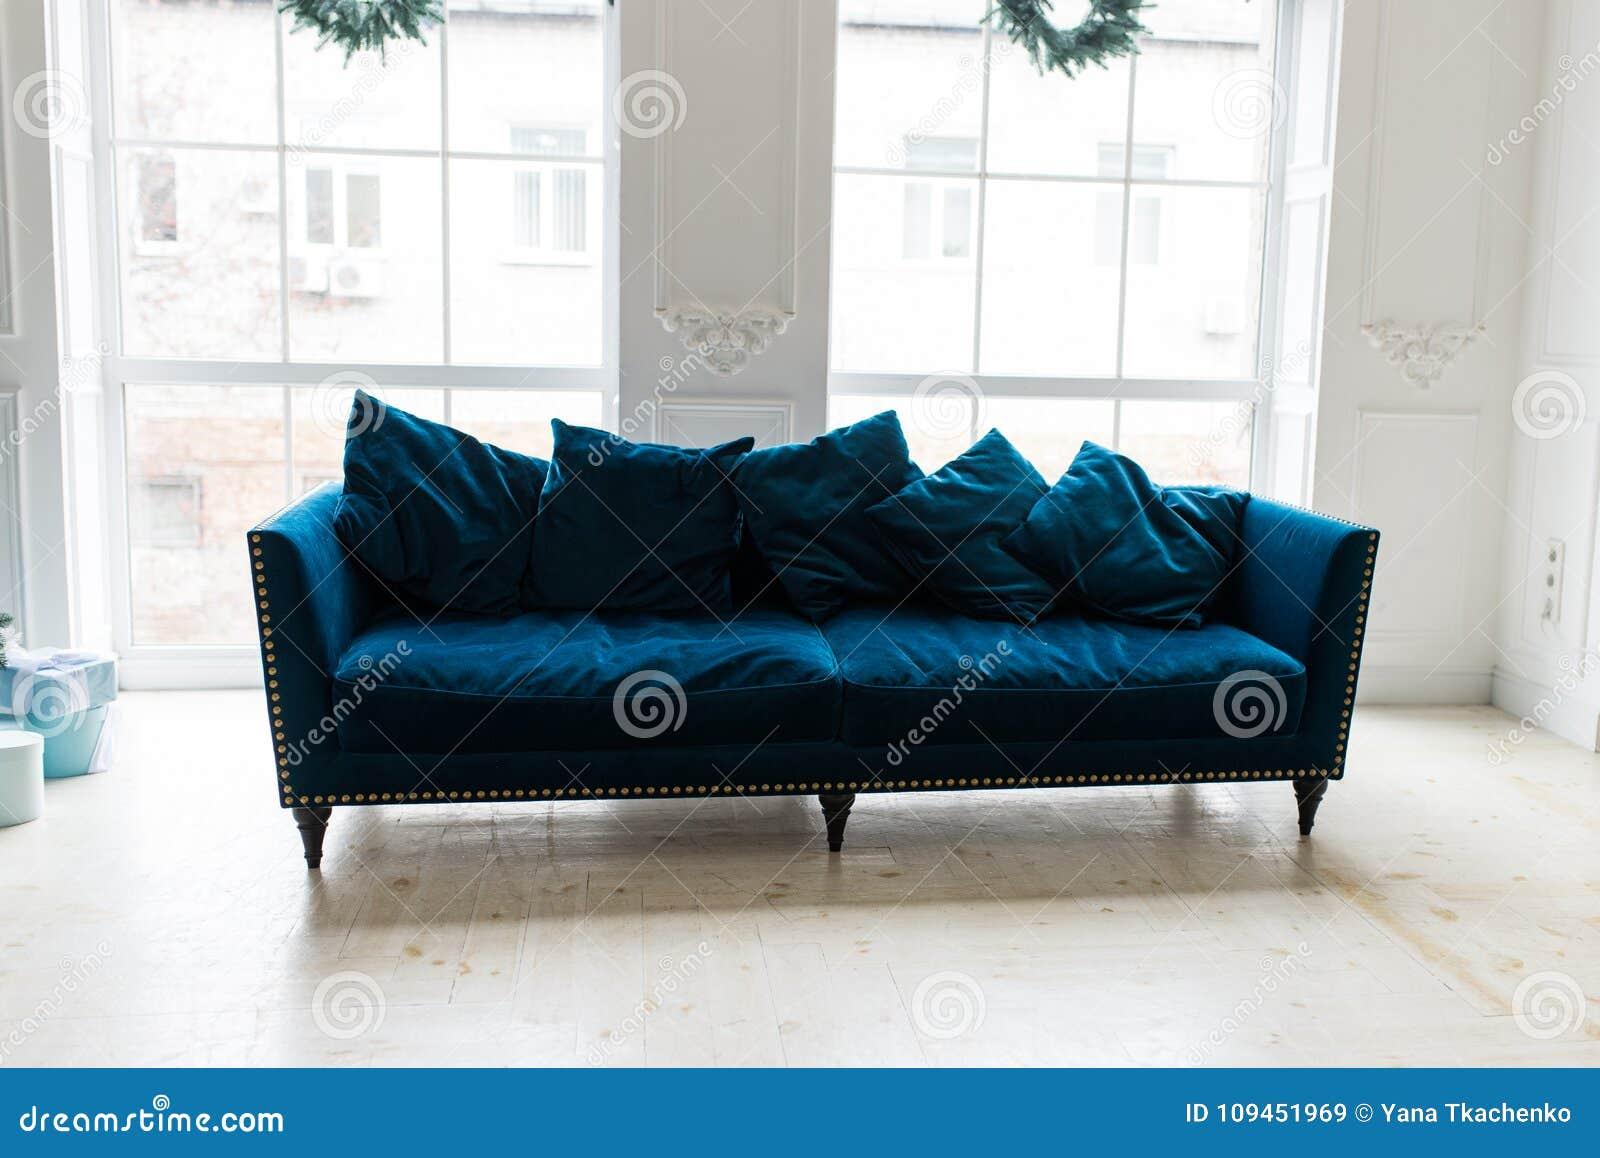 Gut bekannt Blaues Sofa Im Weißen Einfachen Wohnzimmer Moderne Farbe Der MV57